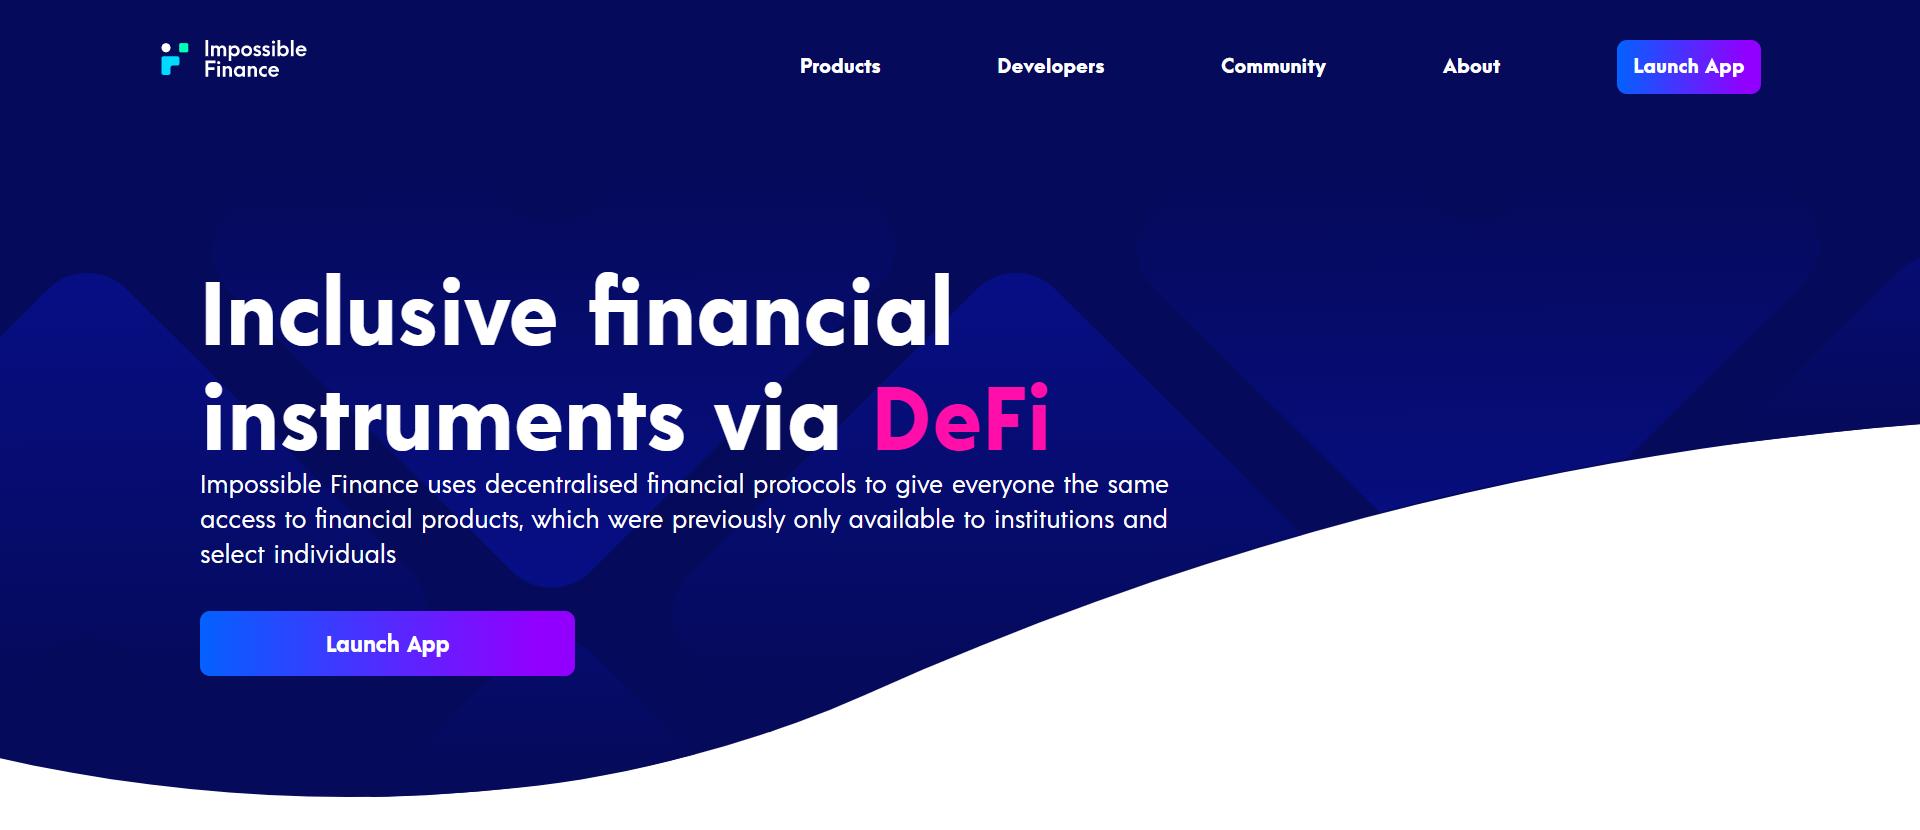 $7 000 000 raised for DeFi incubator